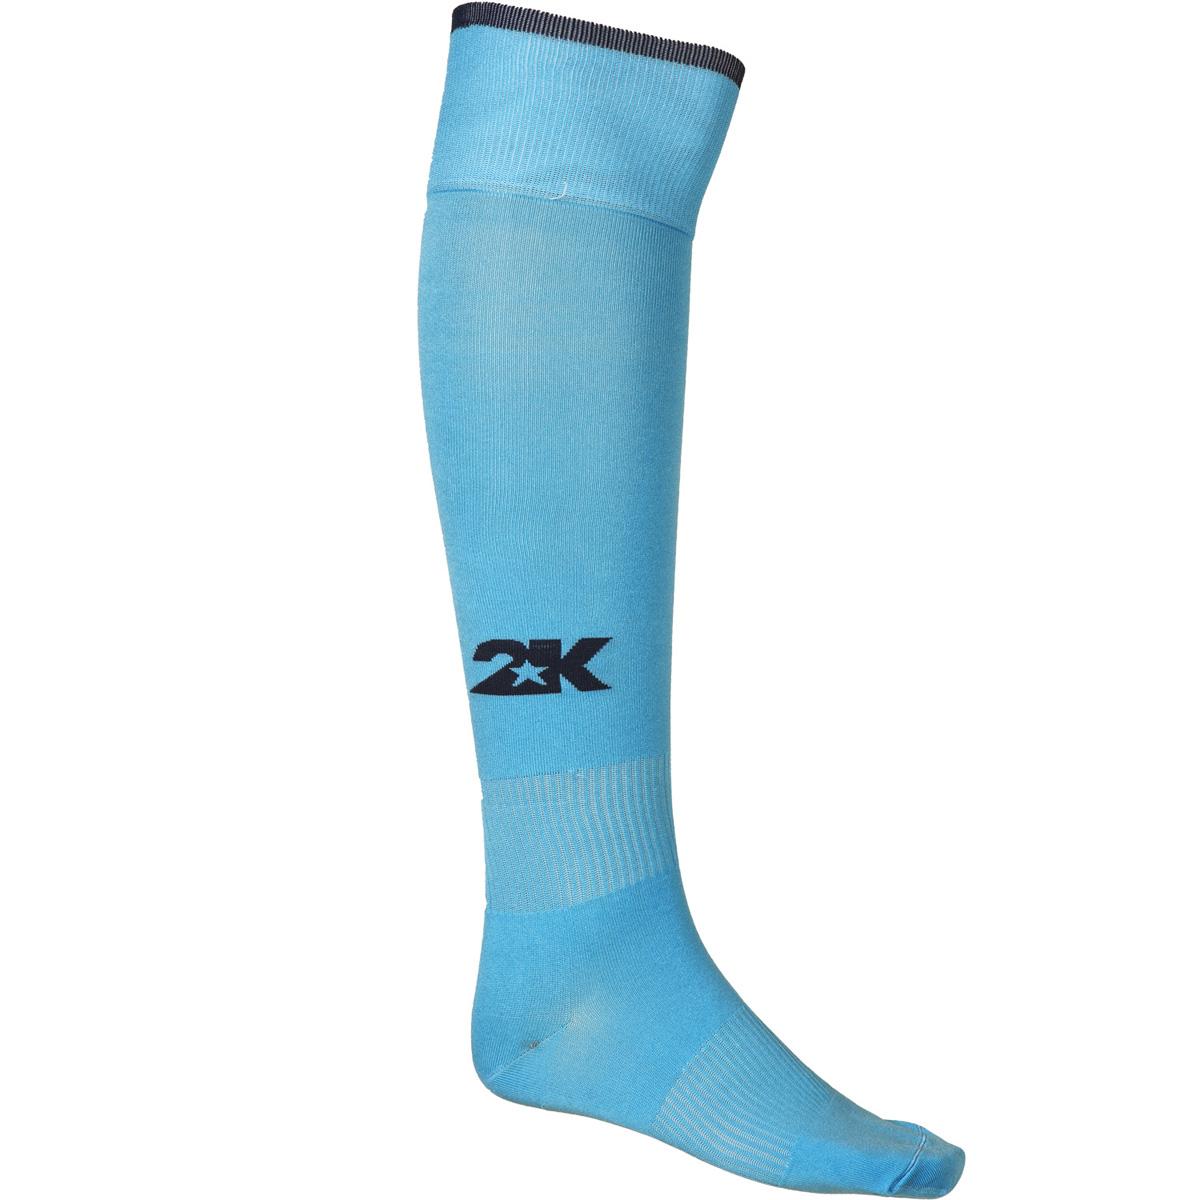 Гетры футбольные 2K Sport Classic, цвет: голубой, темно-синий. 120334. Размер 36/40120334_sky-blue/navyКлассические футбольные гетры выполнены из высококачественного материала. Оформлены логотипом бренда.